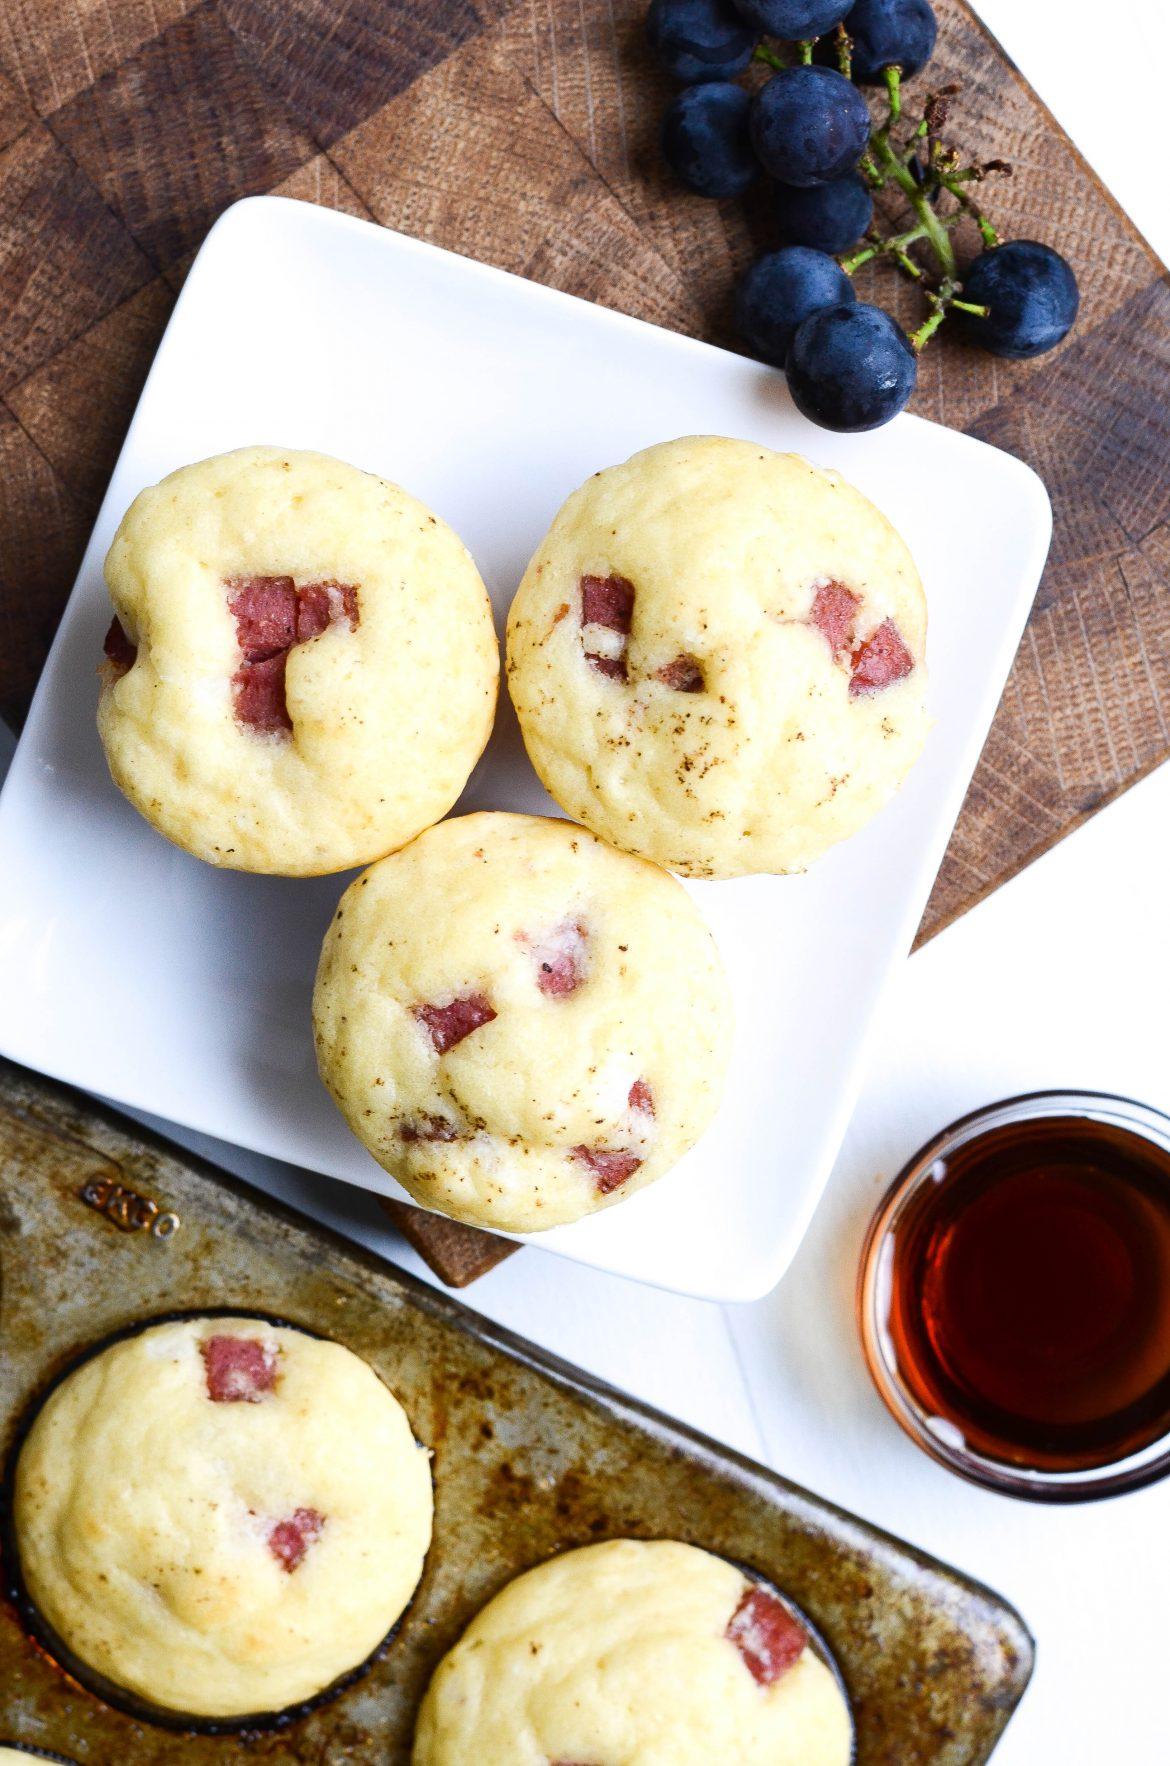 johnsonville, johnsonville sausage, easy breakfast ideas, on the go breakfasts, johnsonville breakfast